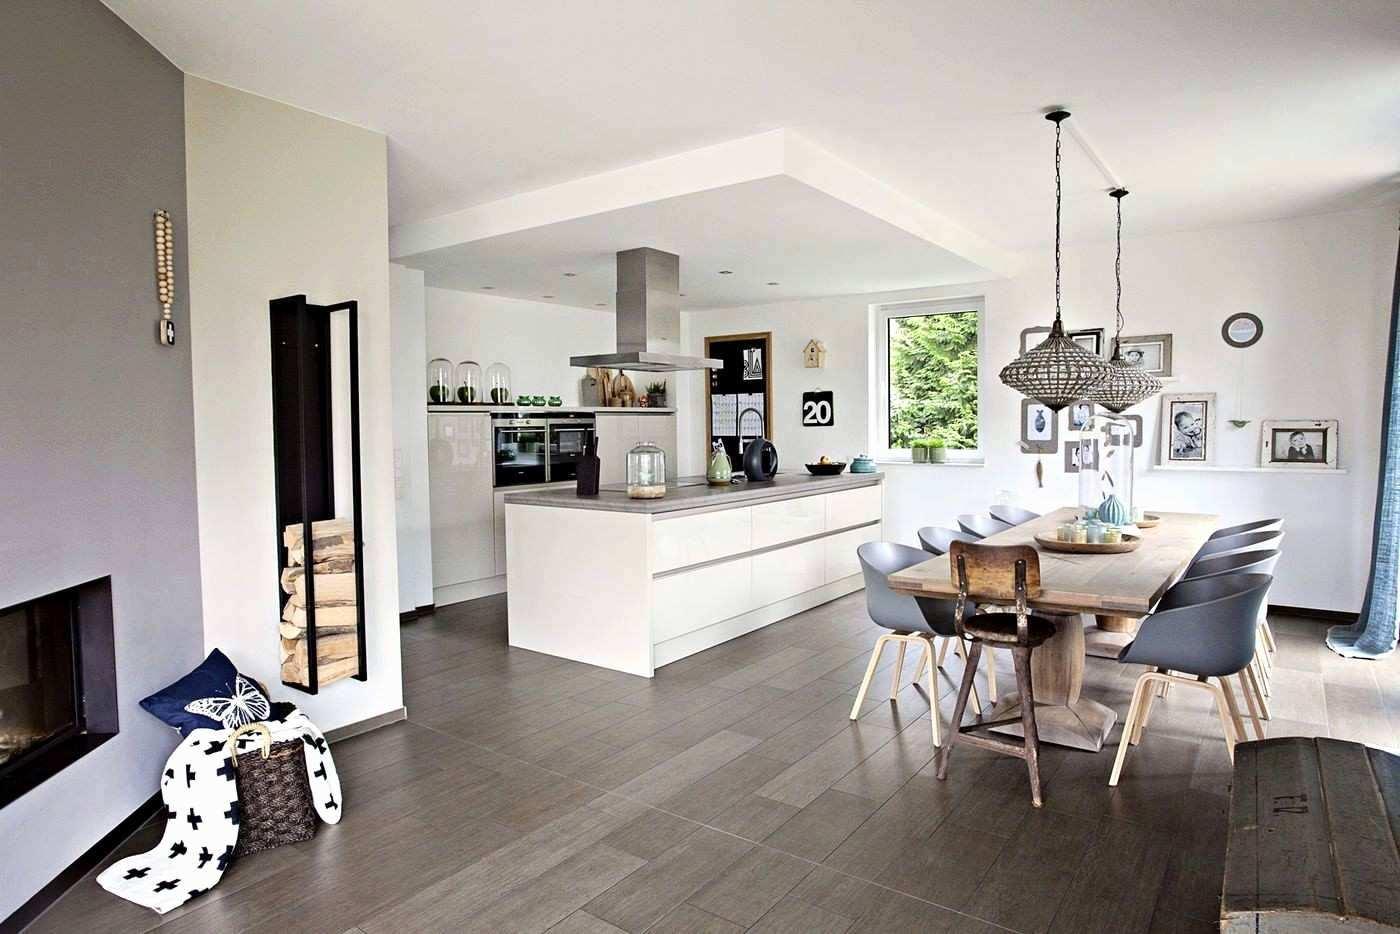 Full Size of Boden Braun Modern Bodenbelag Wohnzimmer Beispiele Elegant Ideen Küche Mit Kochinsel Granitplatten Abluftventilator Aufbewahrungssystem Aufbewahrungsbehälter Küche Küche Bodenbelag